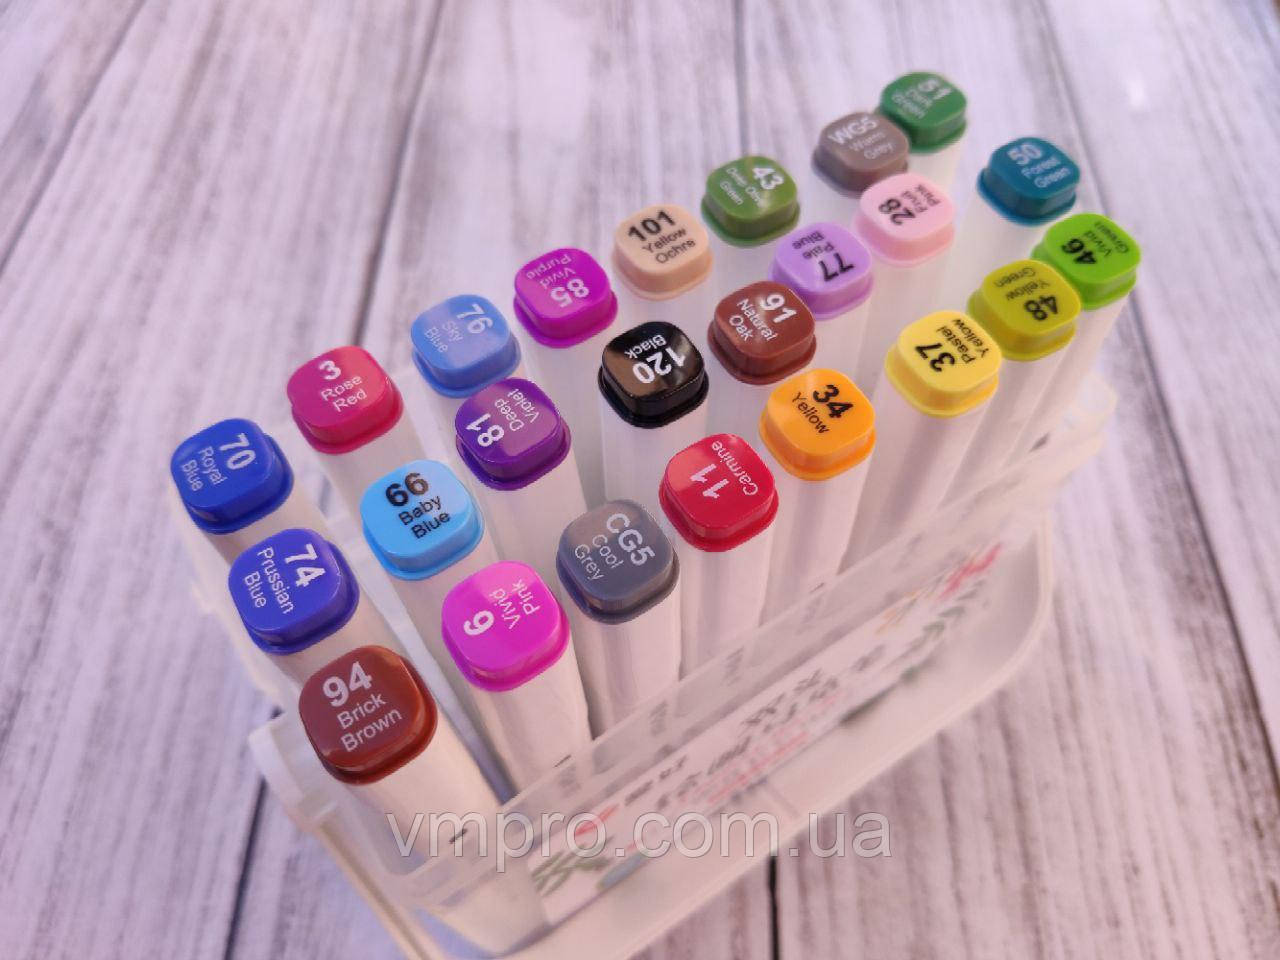 """Скетч маркеры """"Sketch marcer"""" набор 24 цвета, Aihao набор в пластиковом боксе."""